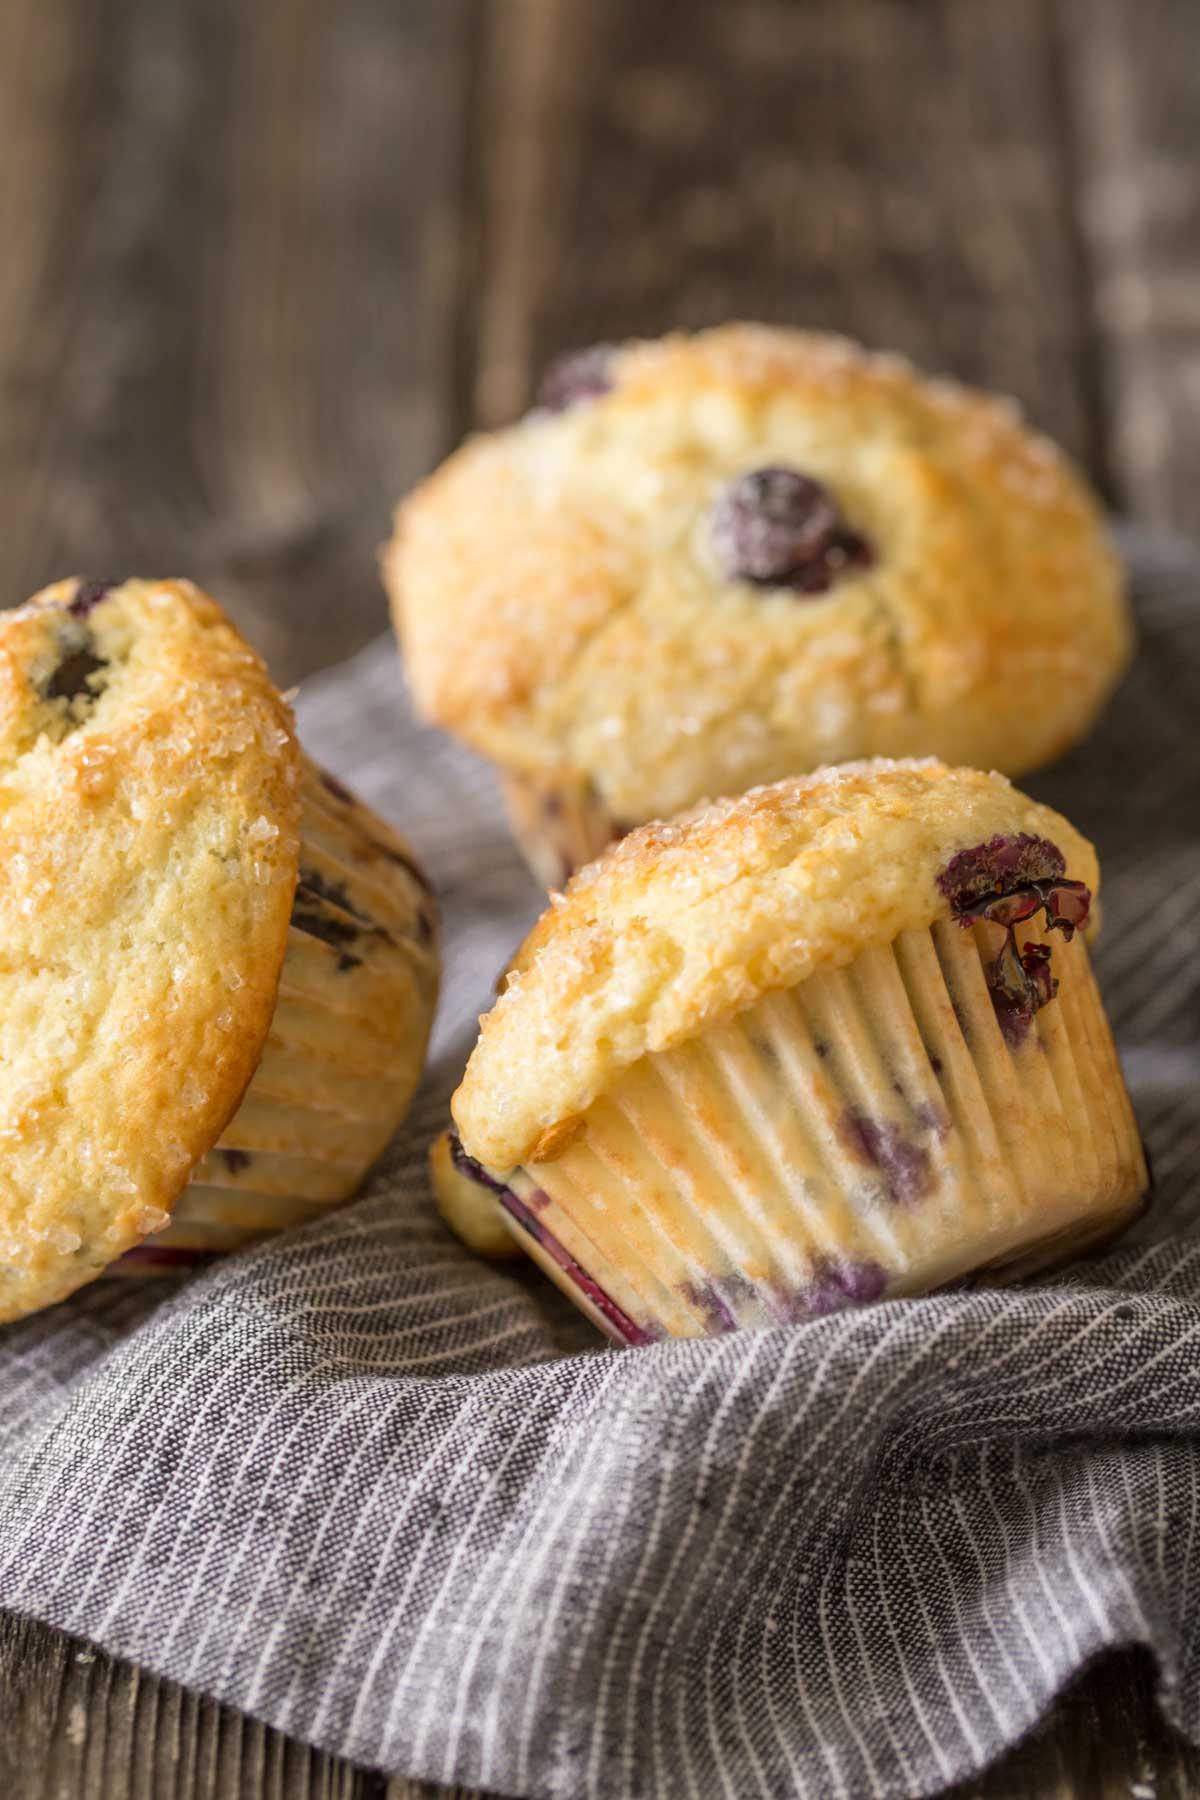 Three Best Ever Buttermilk Blueberry Muffins on a kitchen towel.